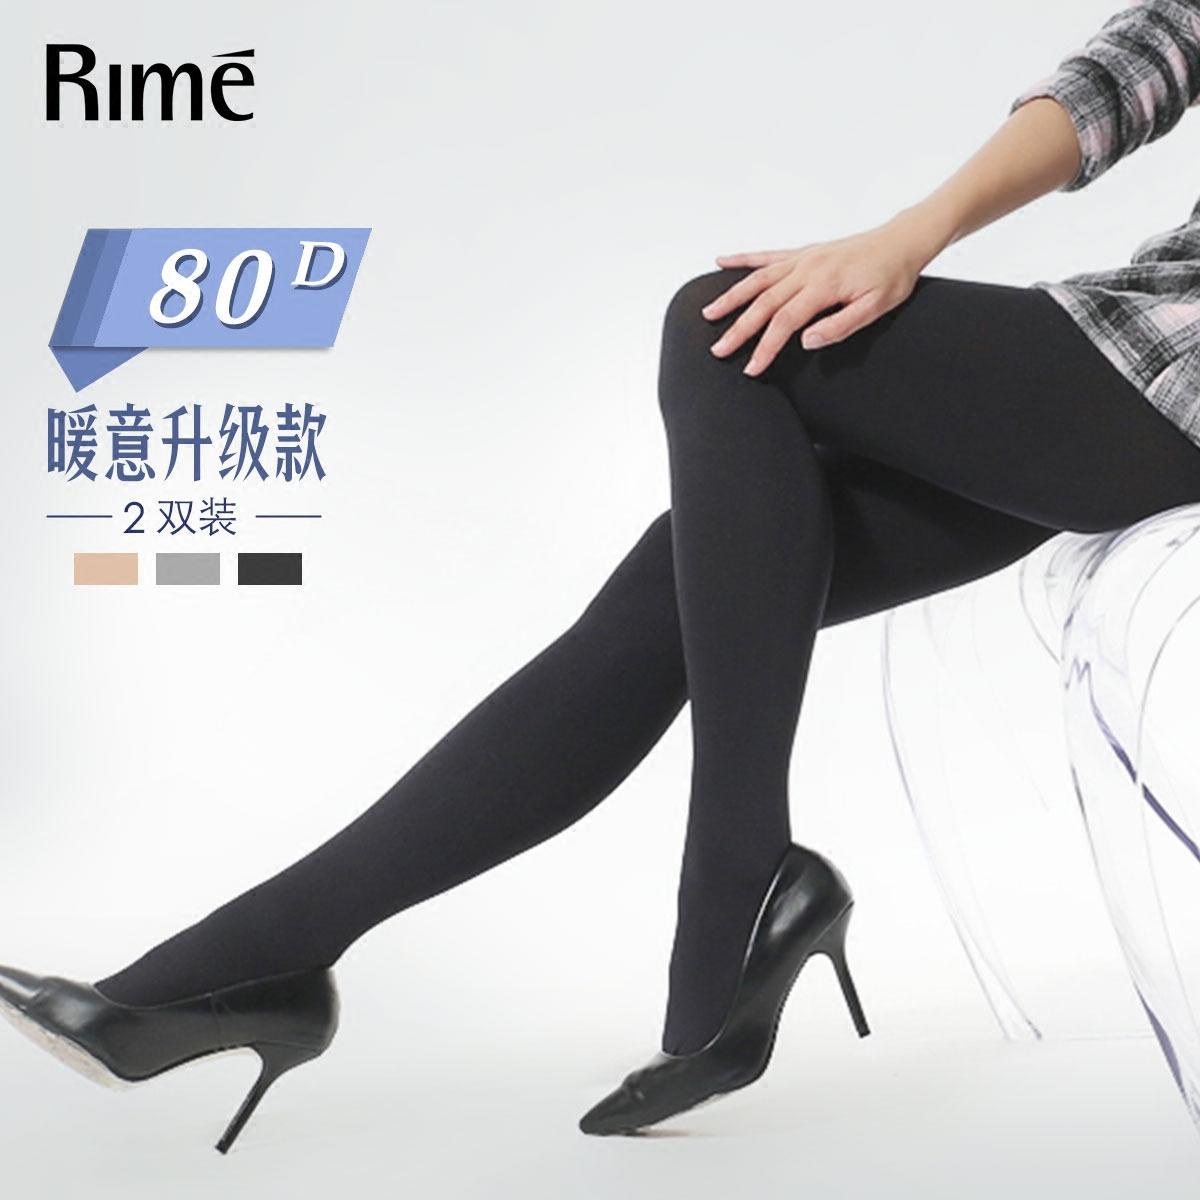 2双装 Rime春秋80D/130D天鹅绒中厚款连裤袜 防勾丝不起球女丝袜